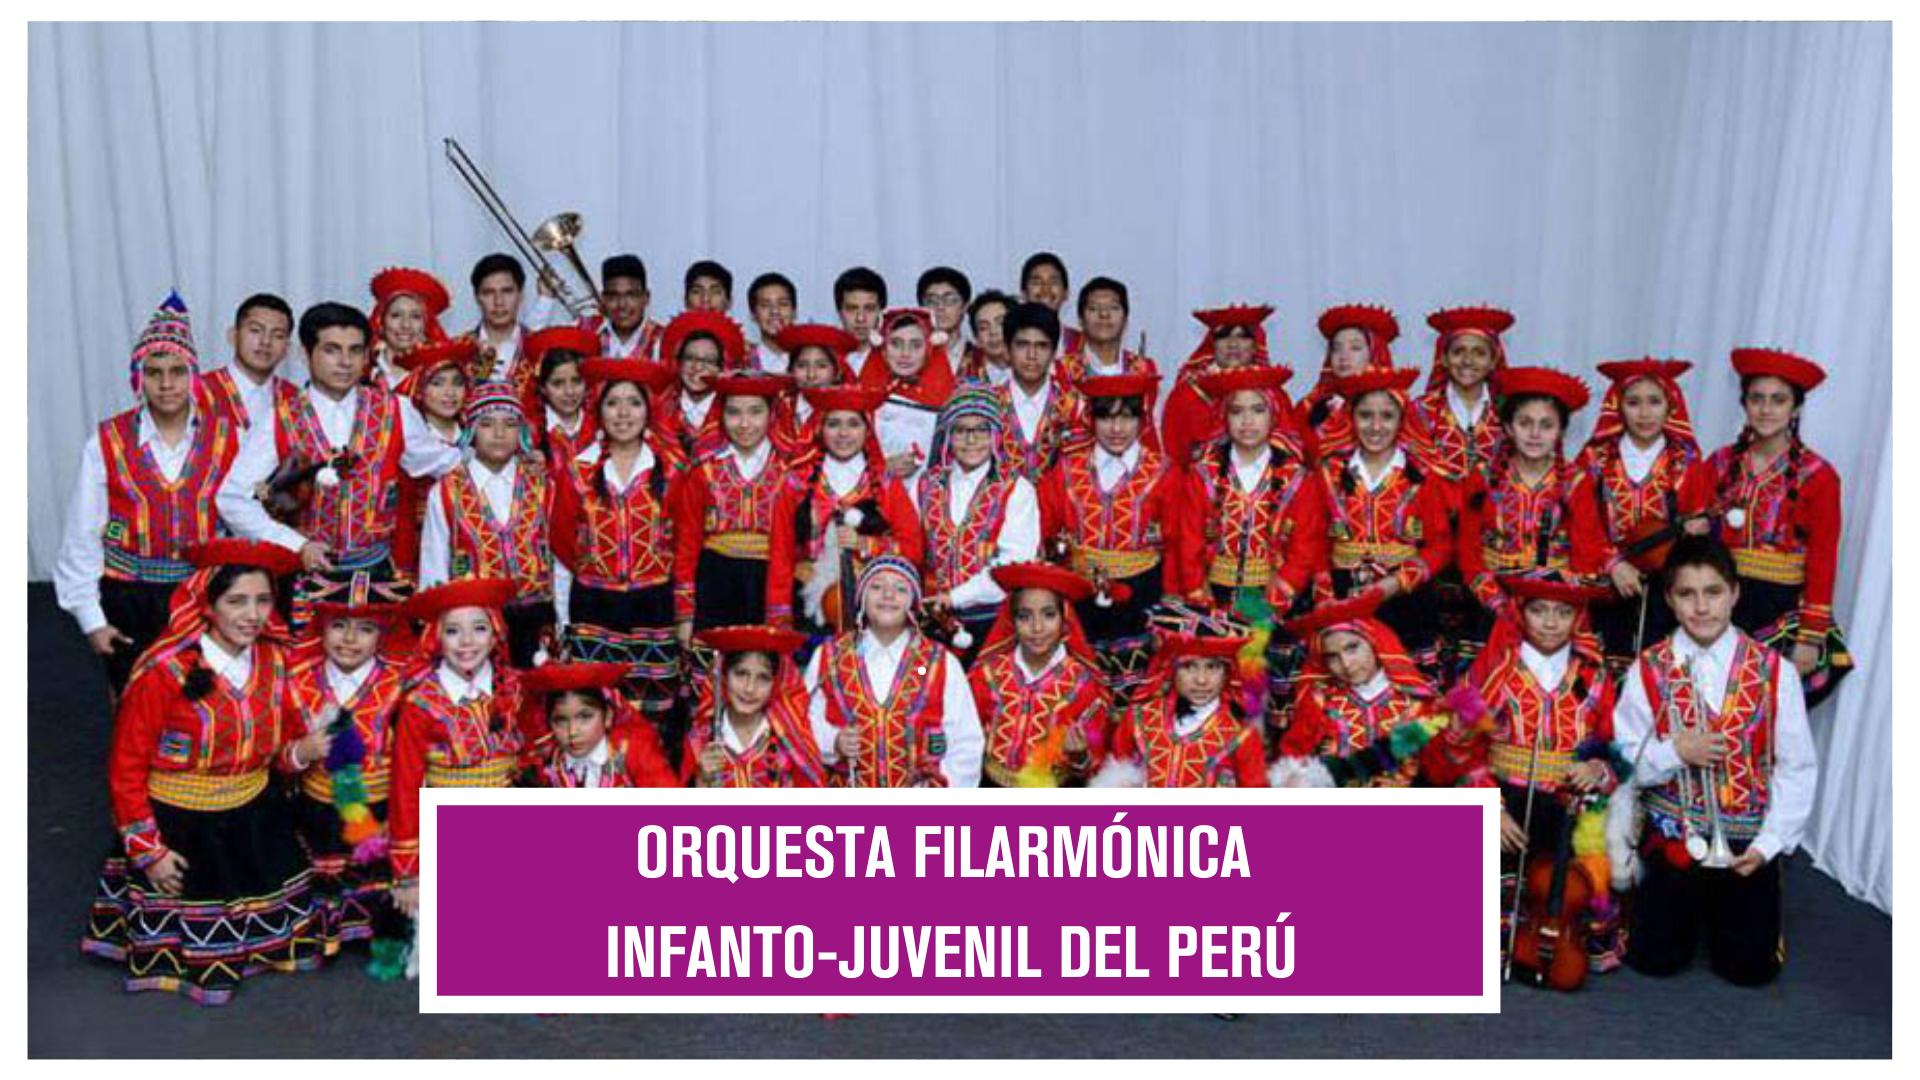 •ORQUESTA FILARMÓNICA INFANTO-JUVENIL DEL PERÚ